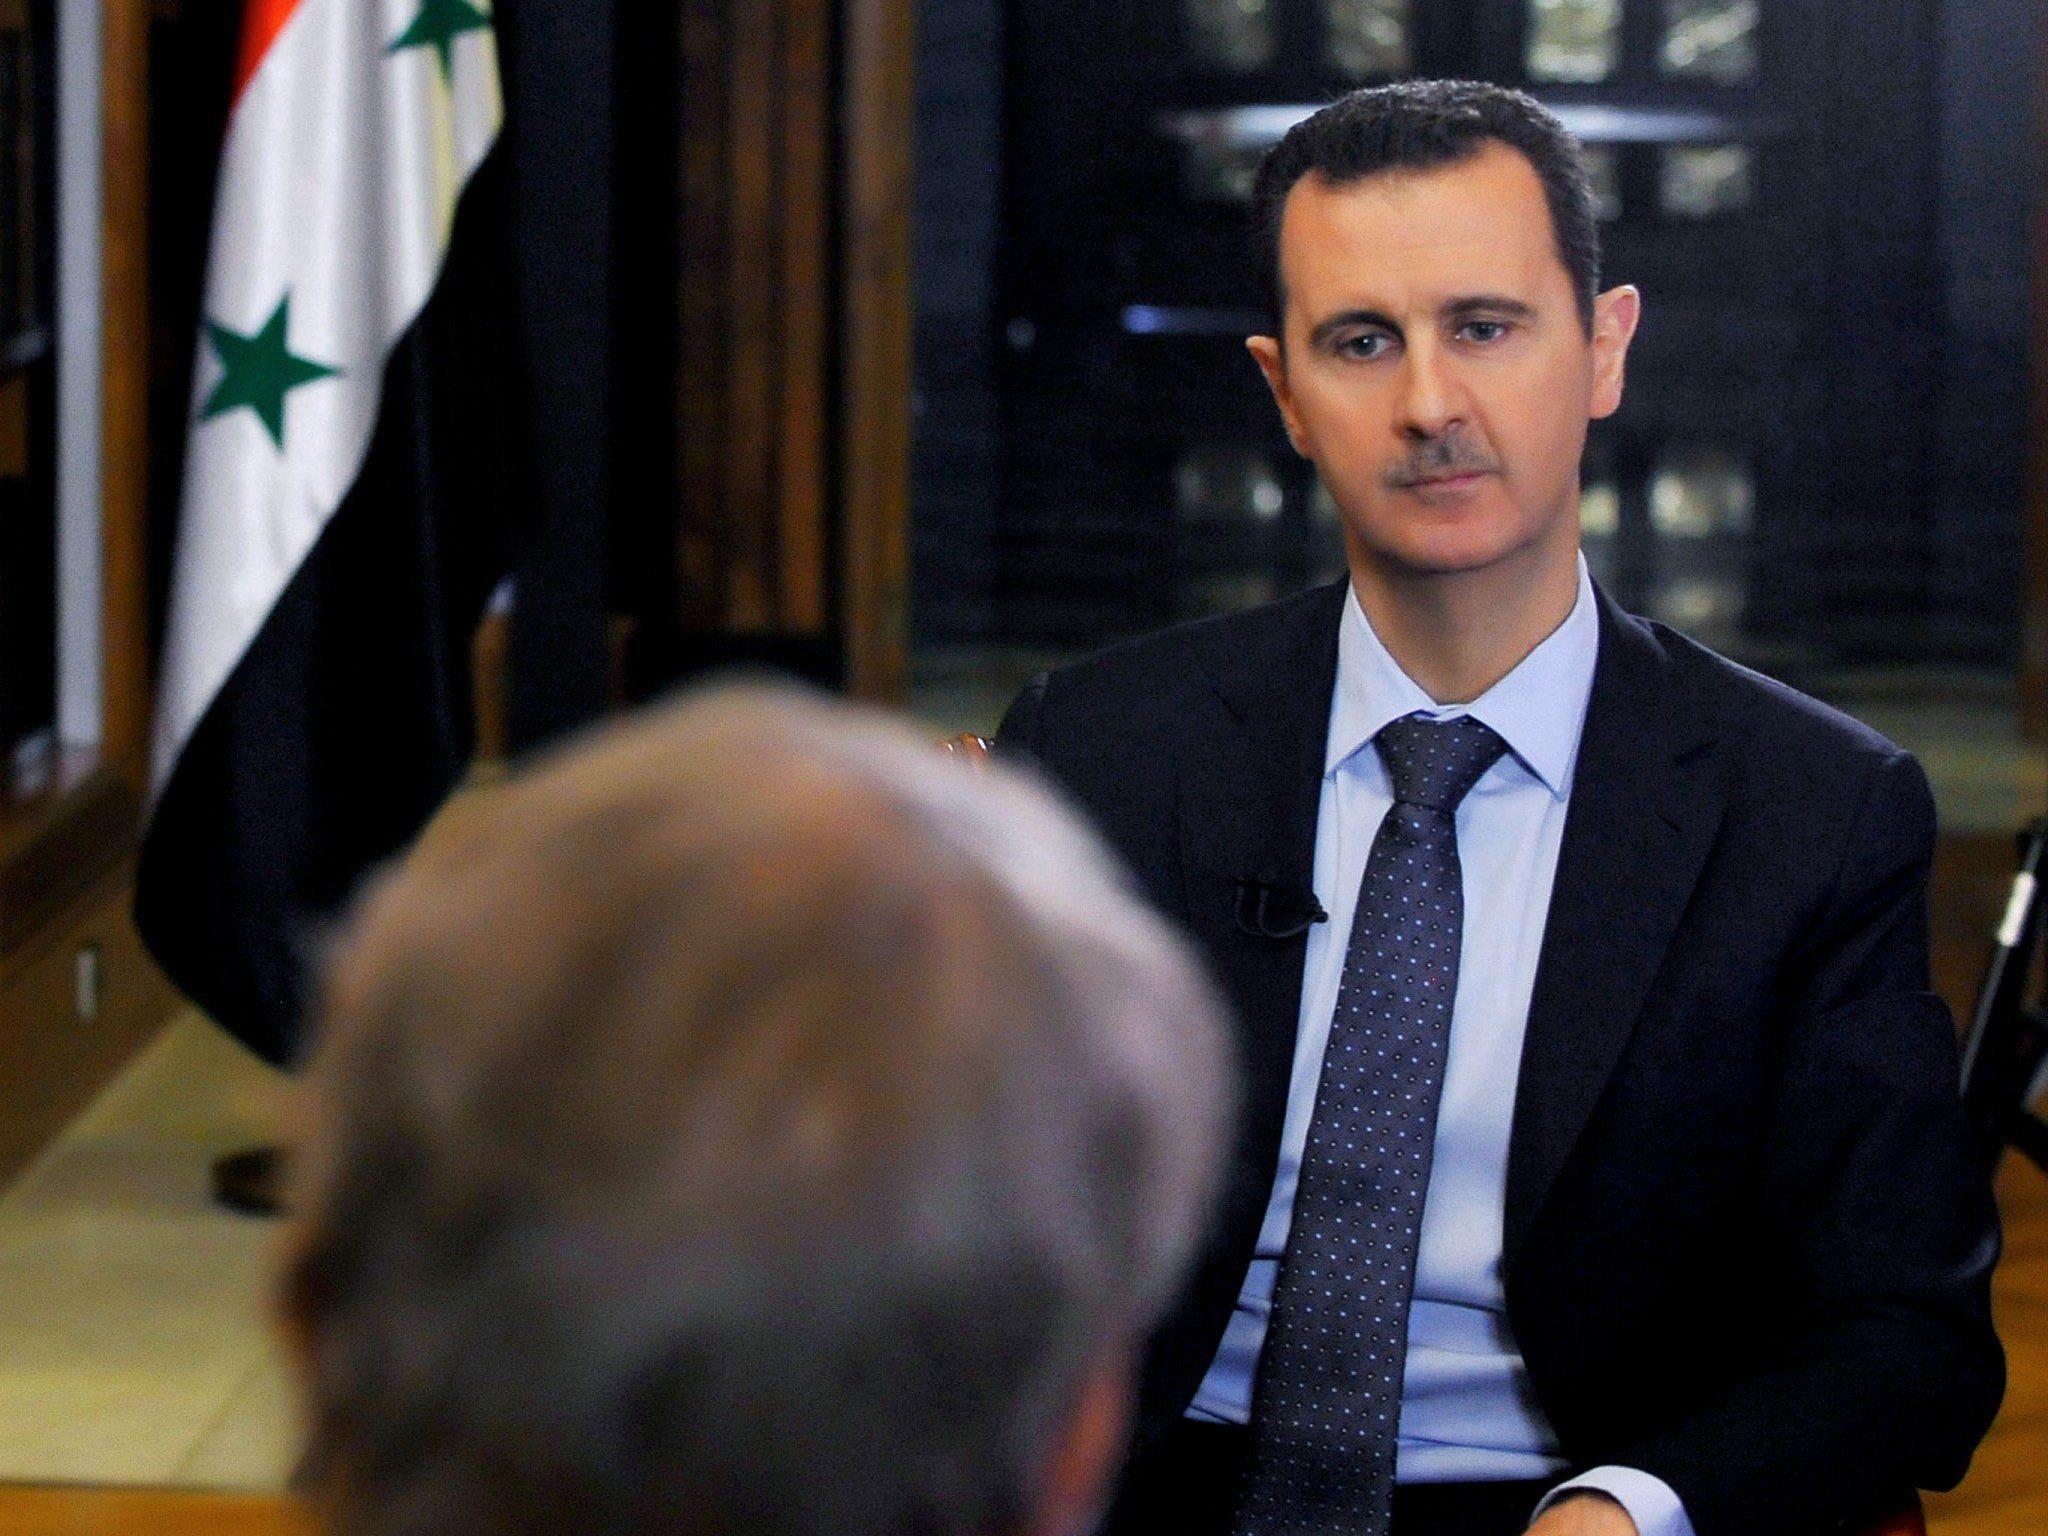 Syrien will seine Chemiewaffen offenbar unter internationale Kontrolle stellen.